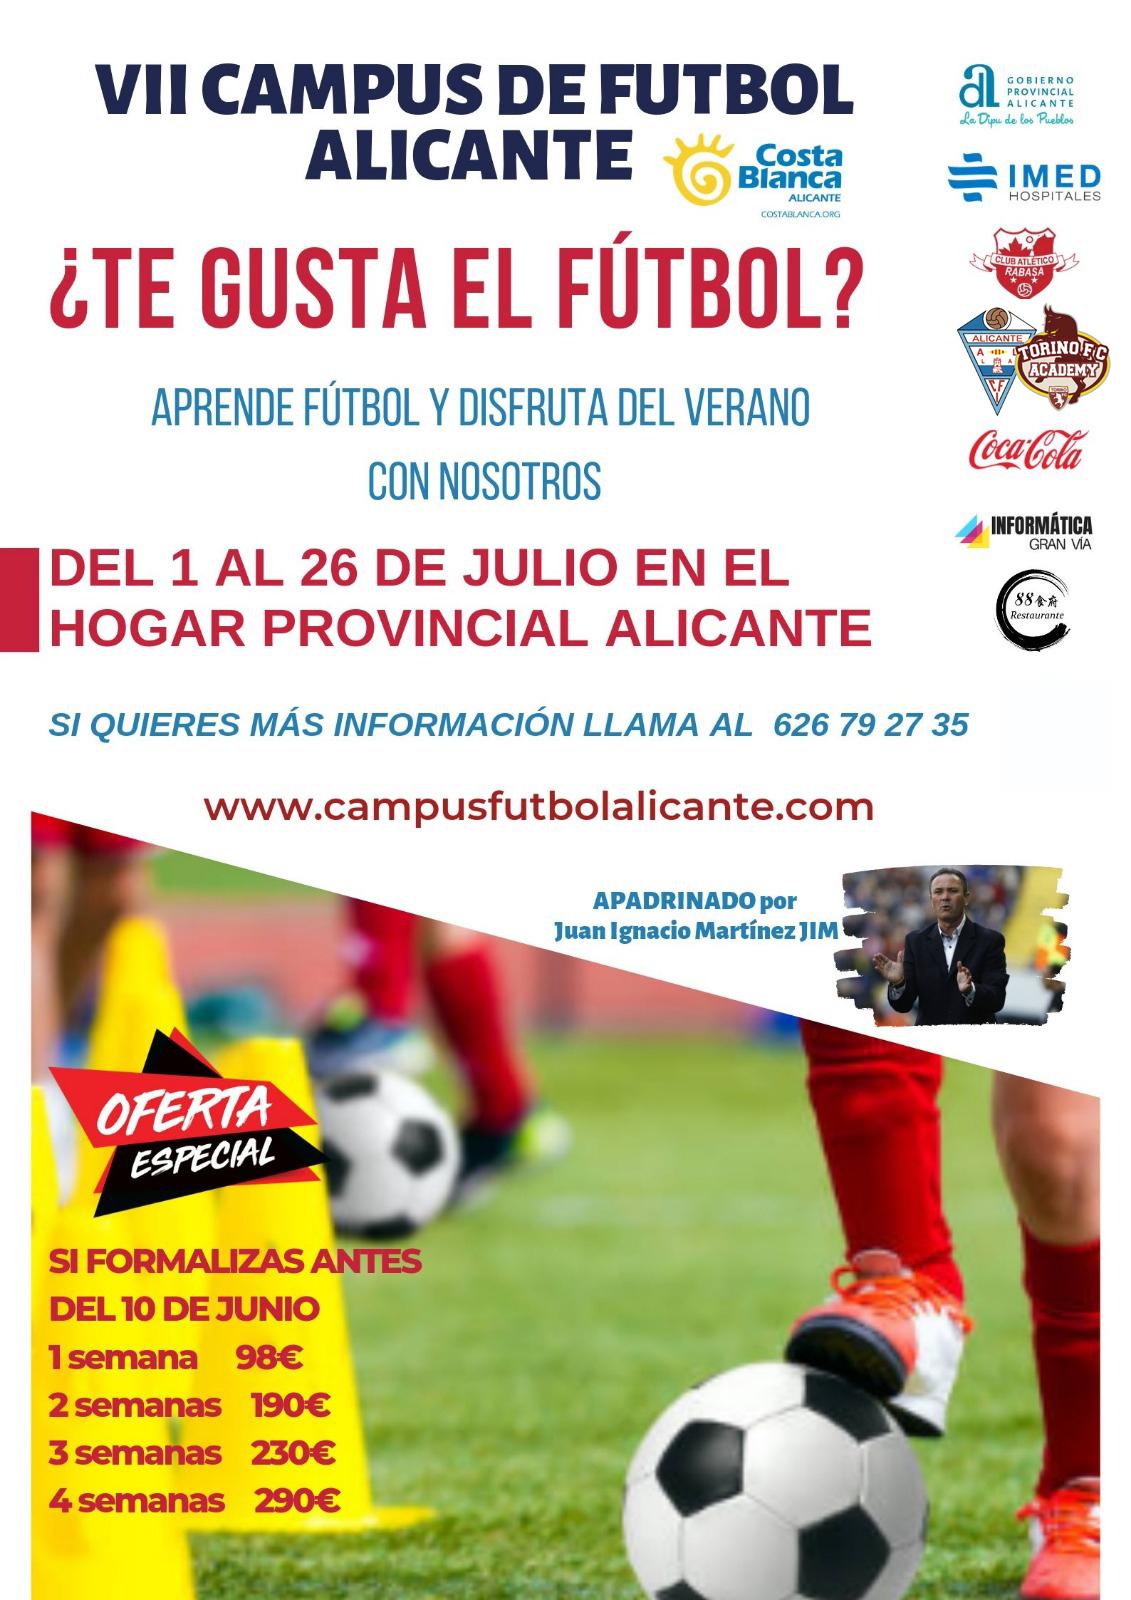 Comunicado Nº 28: Campus de Fútbol Alicante